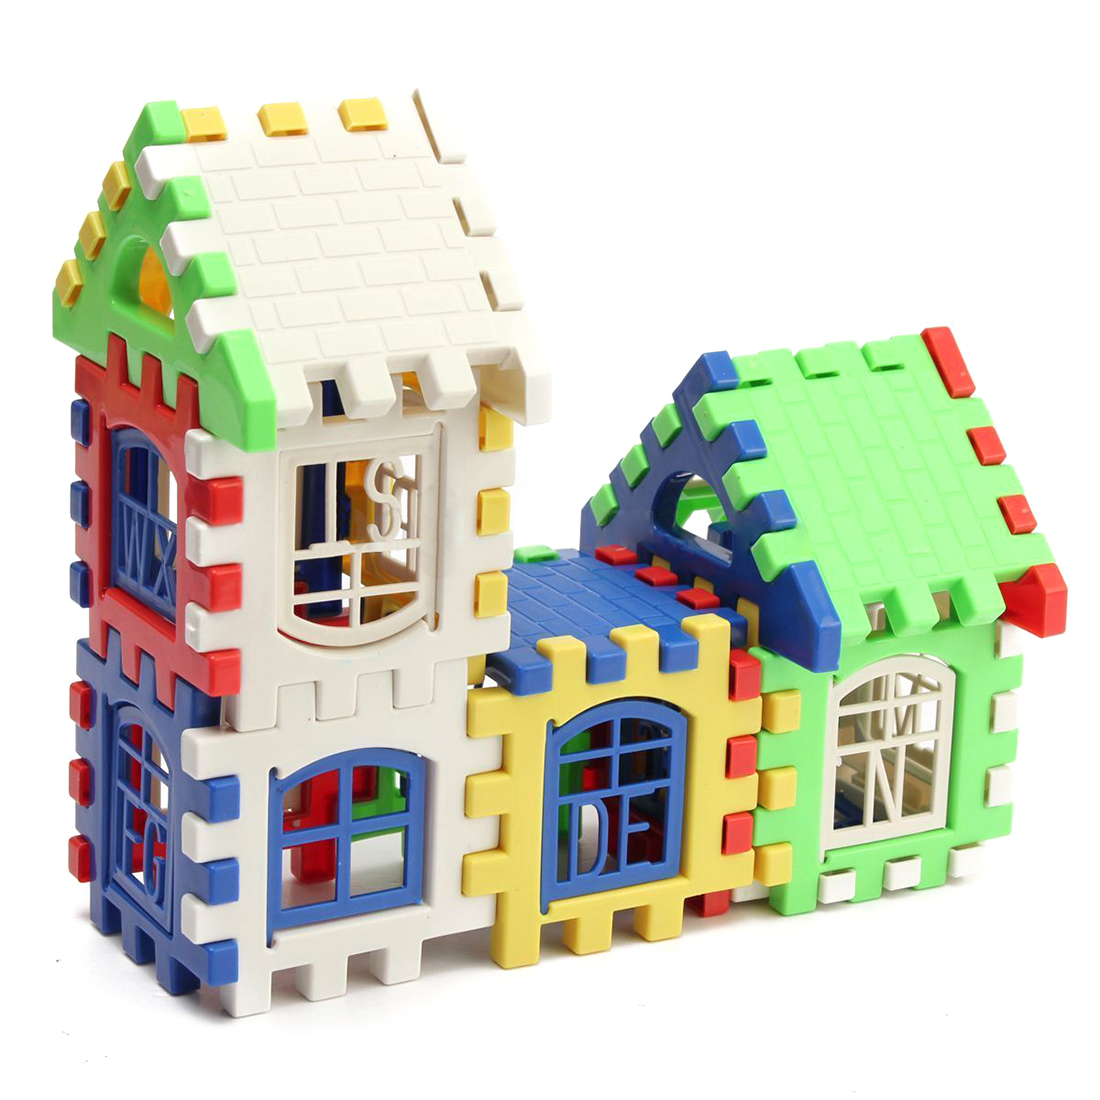 24pcs Children Puzzle Plastic Letter Building Blocks House